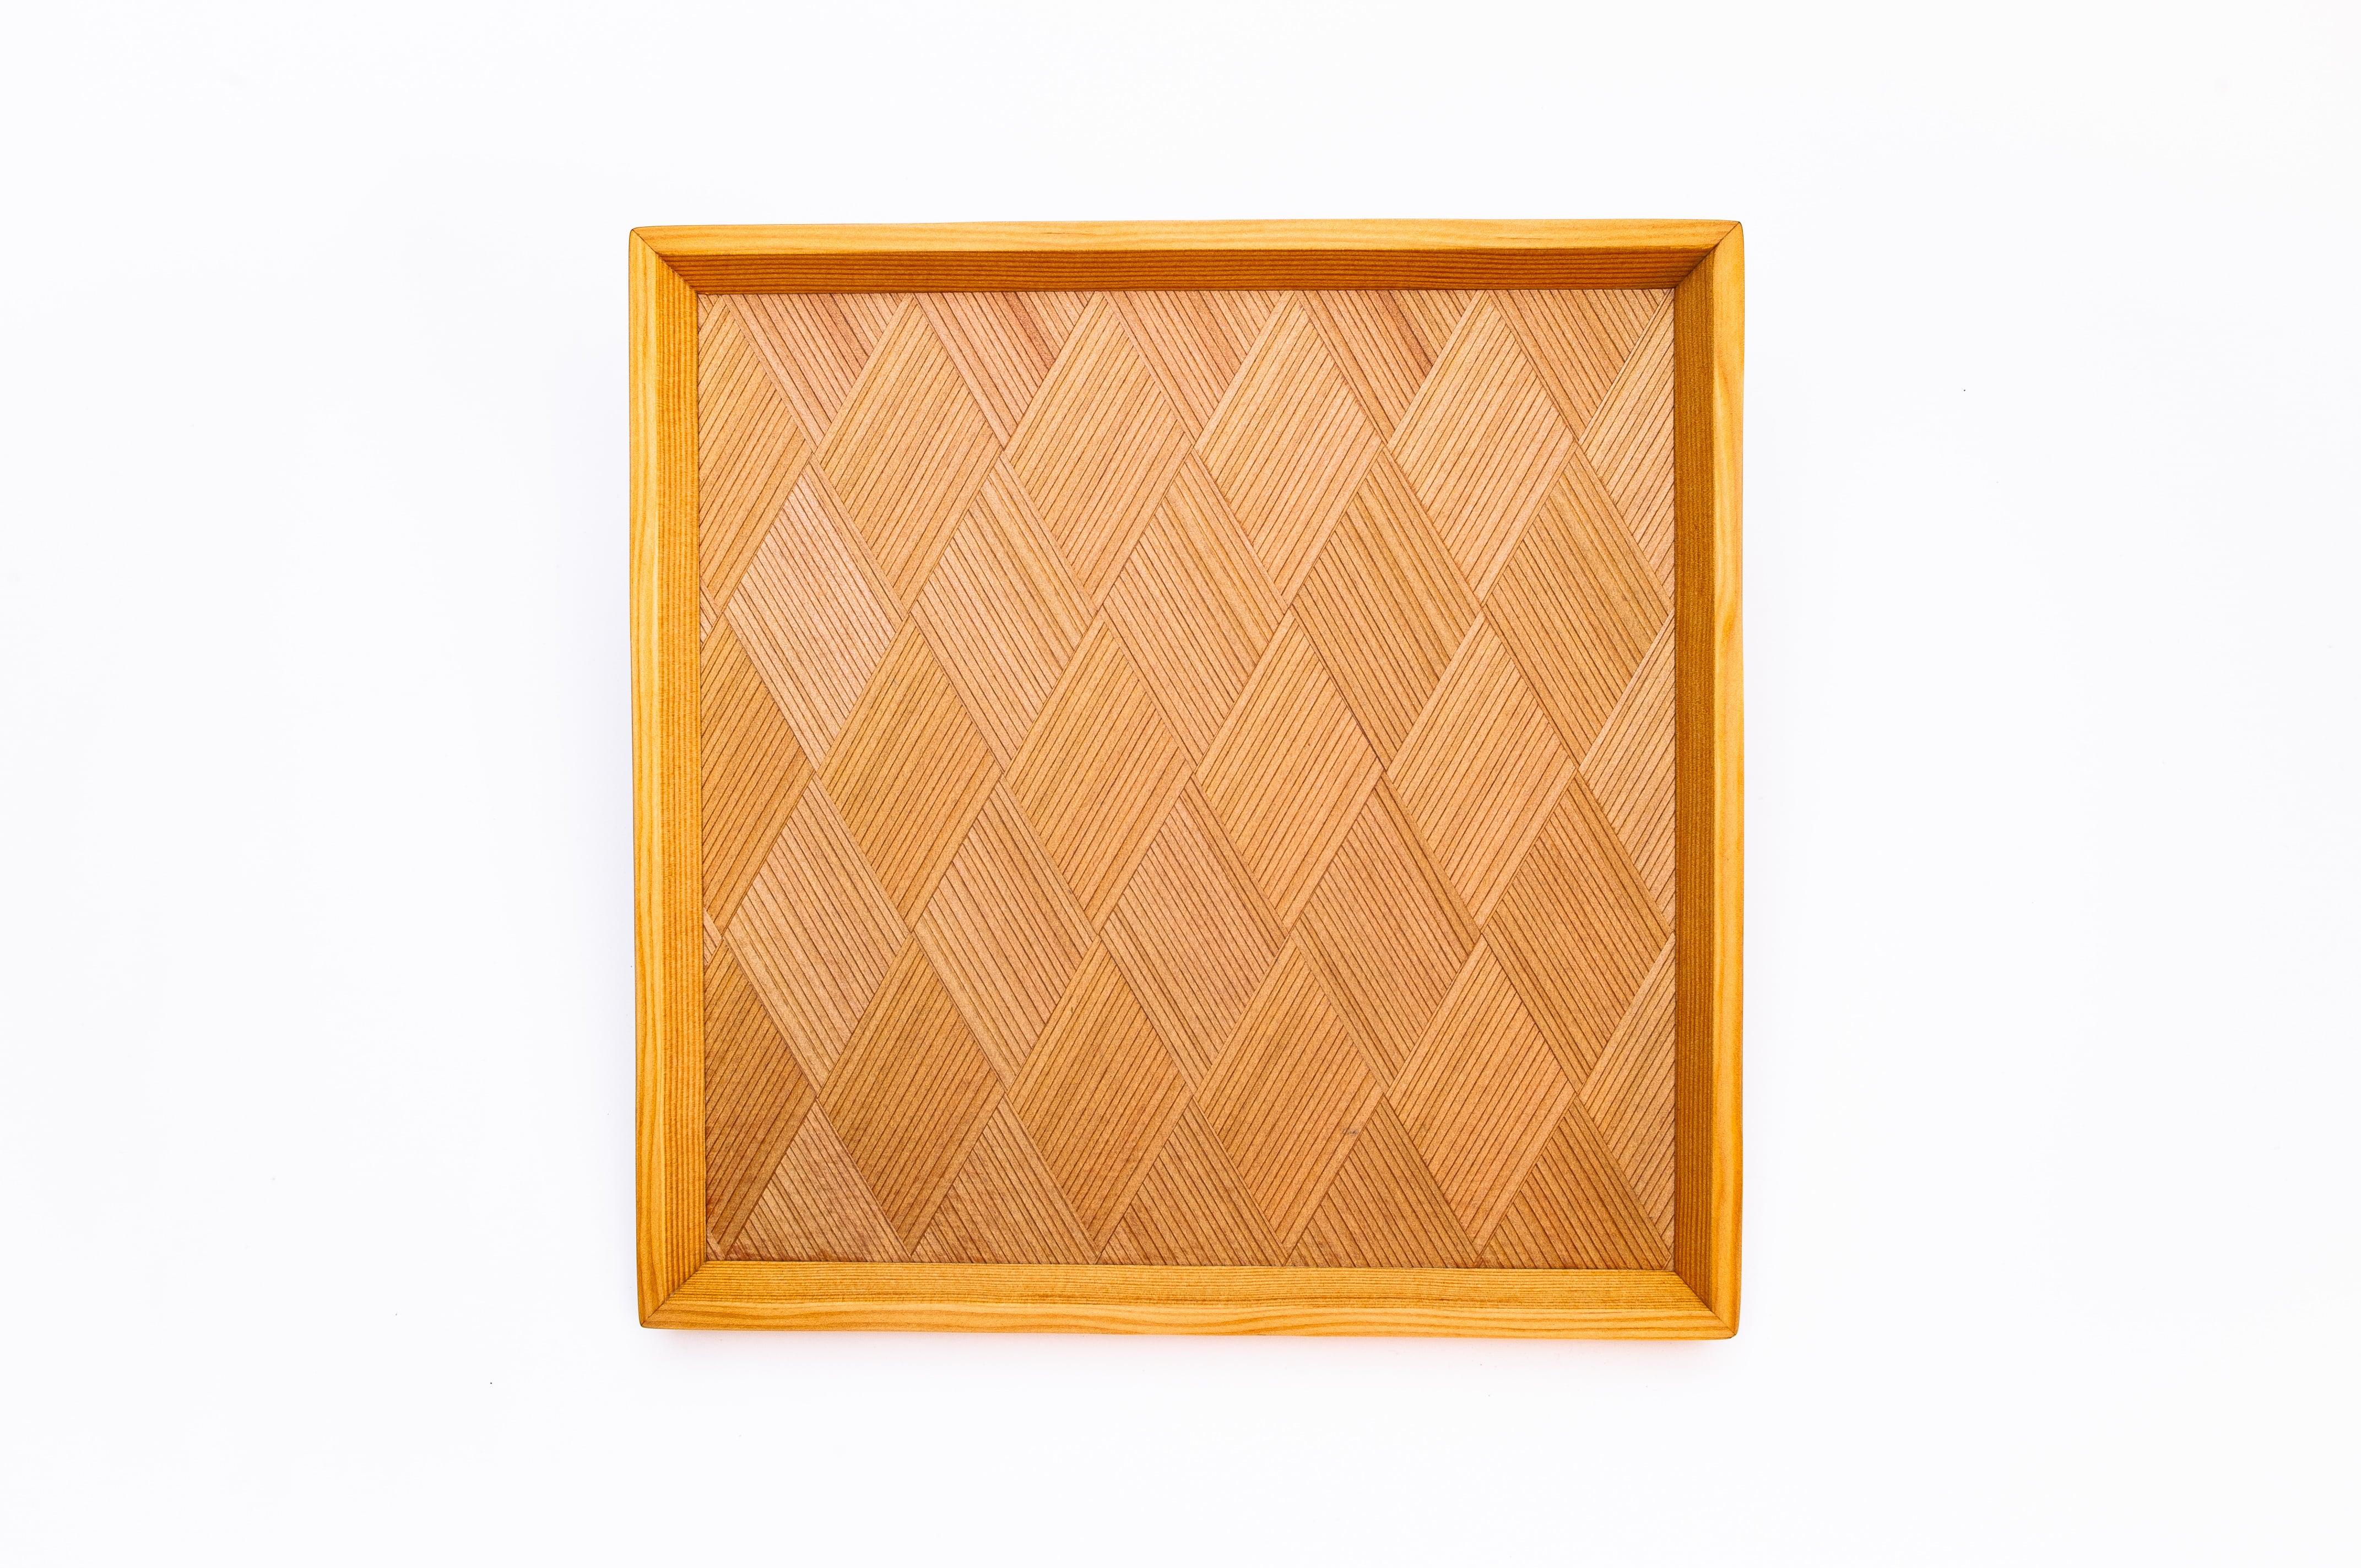 杉菱形模様 正方形のトレー 0324